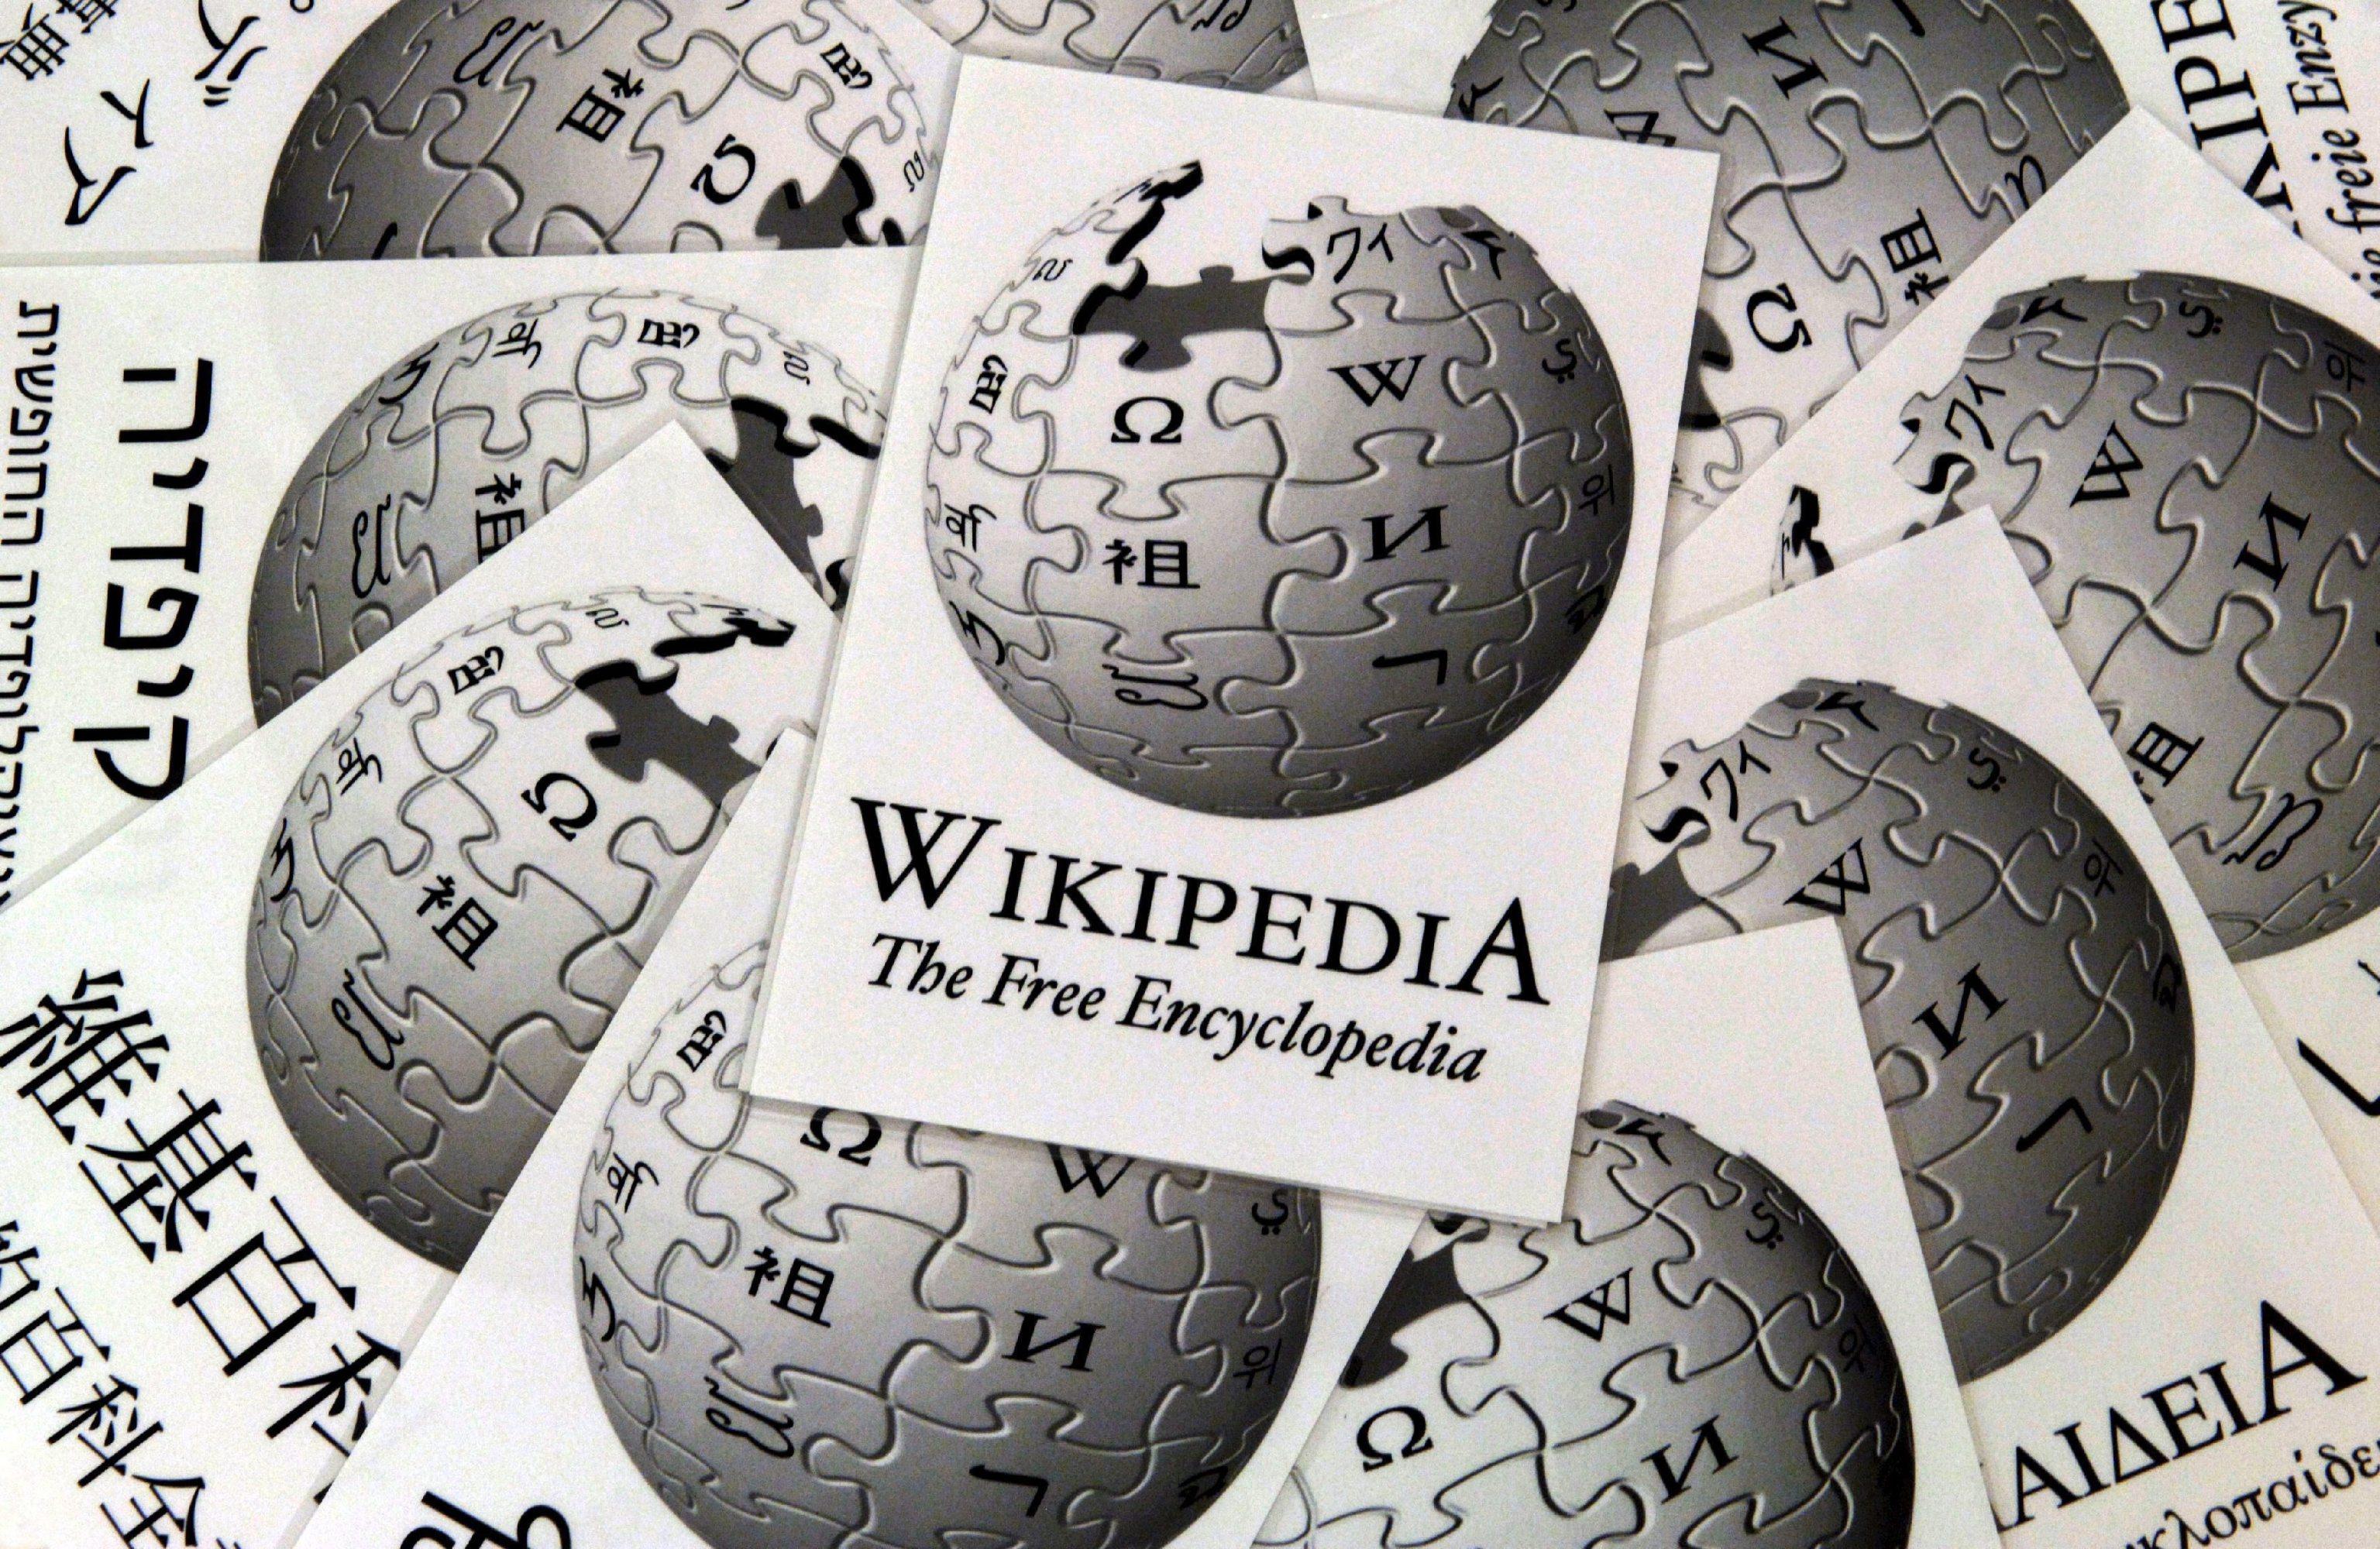 Wikipedia presto anche in ladino